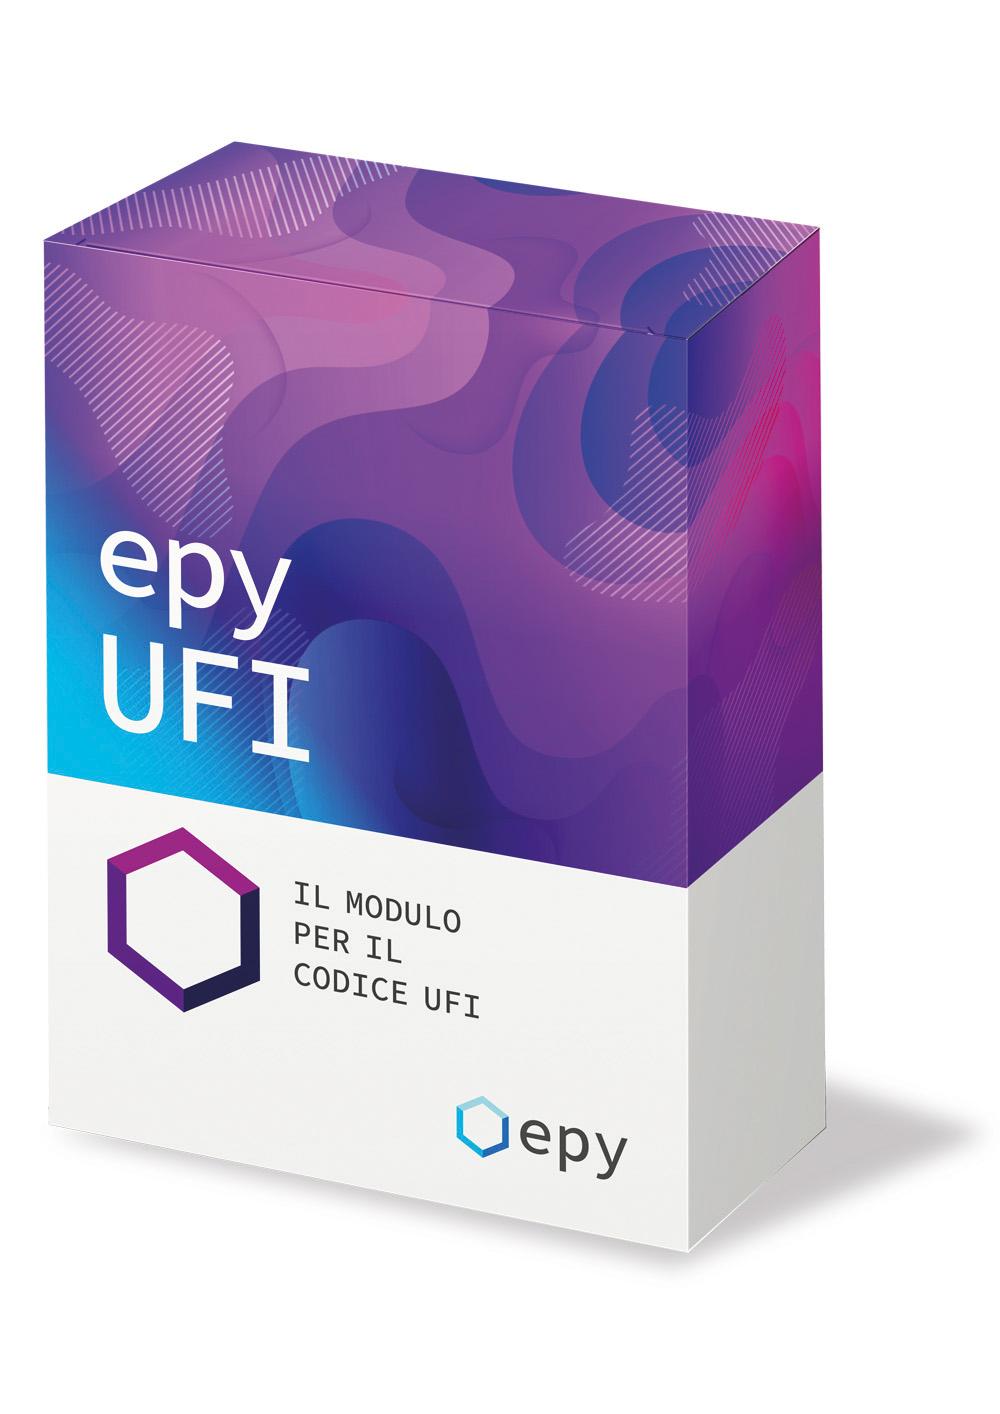 Epy Ufi